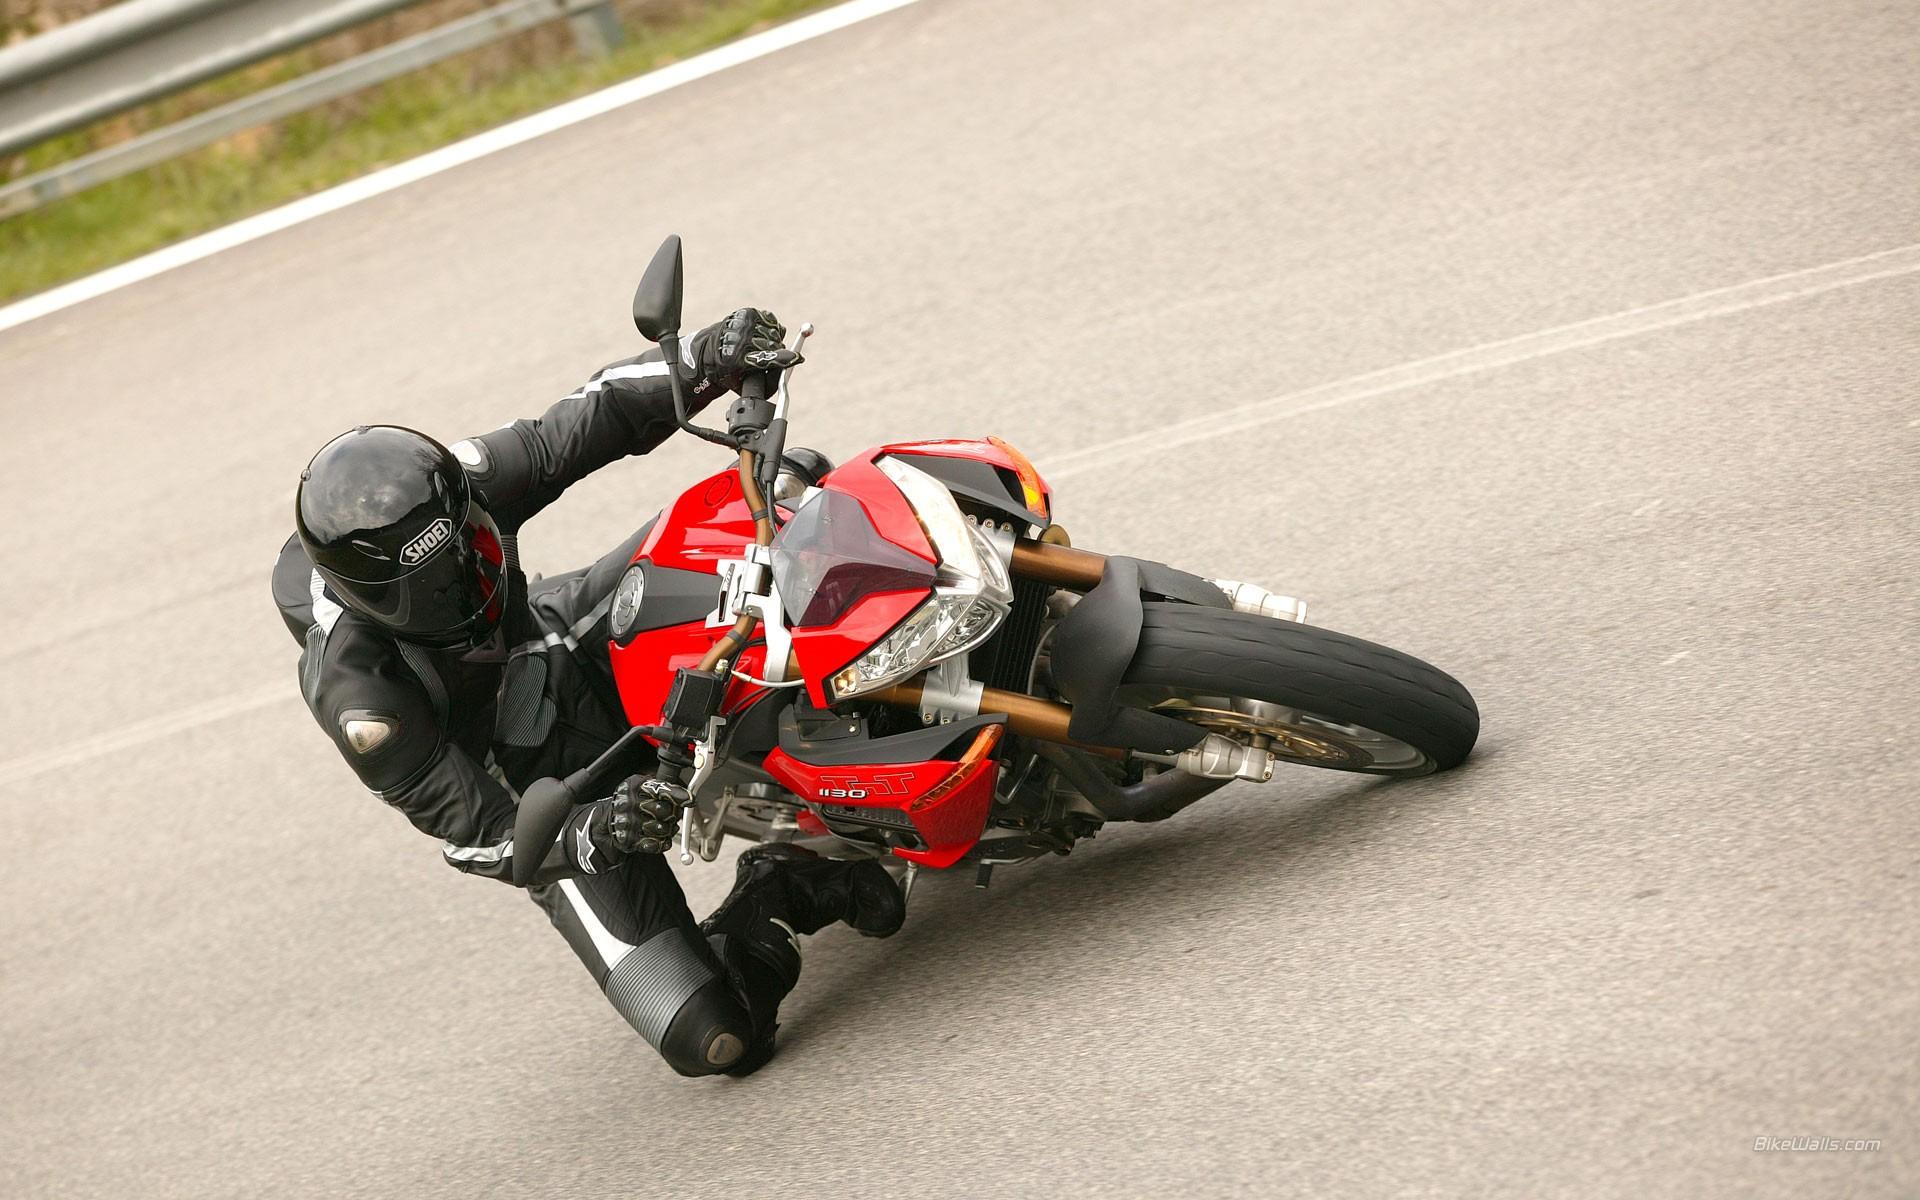 Moto Tornado Benelli - 1920x1200